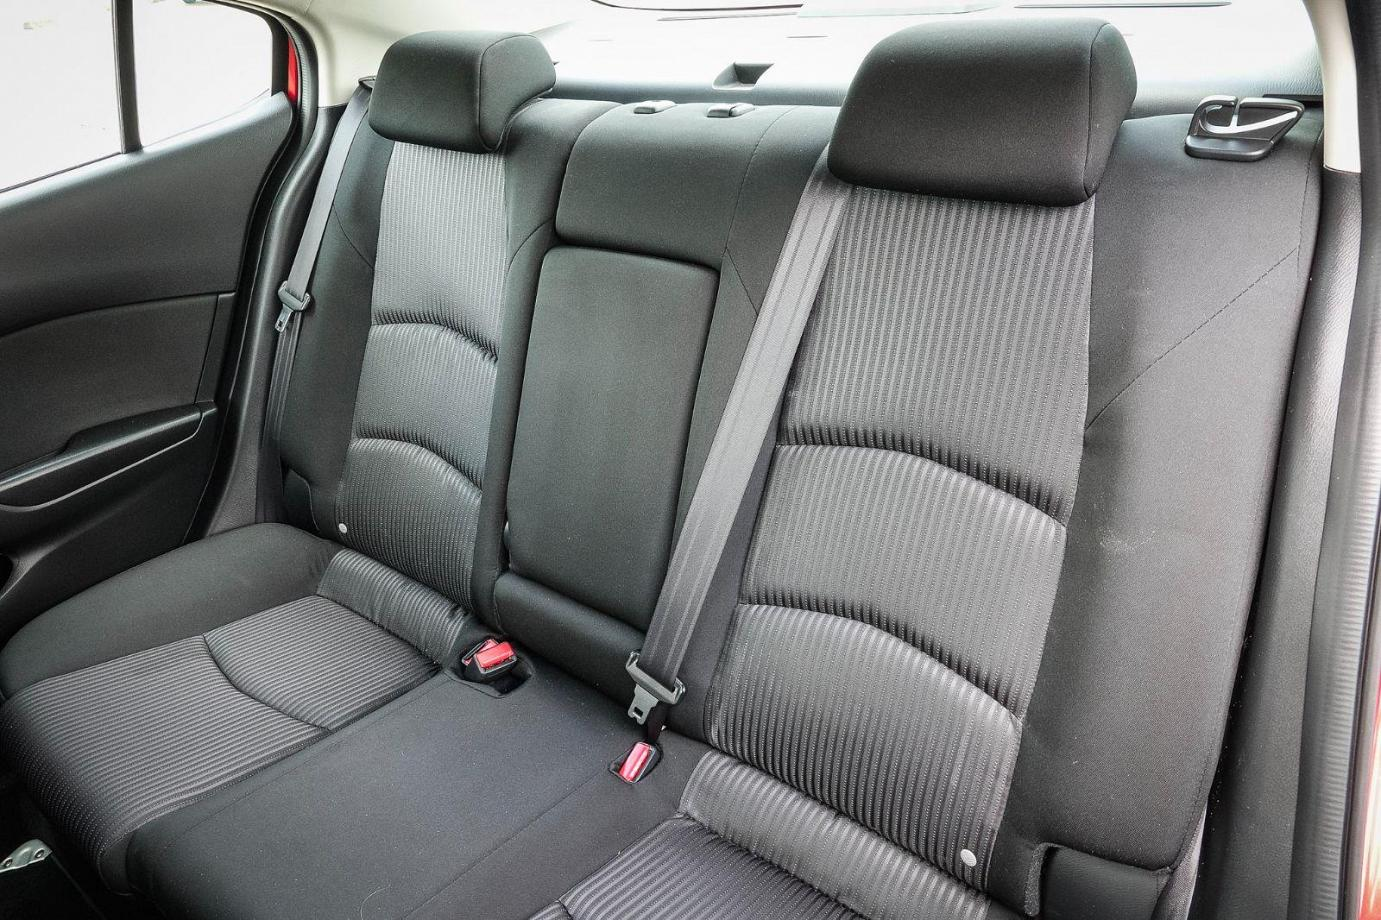 2014 Mazda 3 BM5238 SP25 Sedan 4dr SKYACTIV-Drive 6sp 2.5i